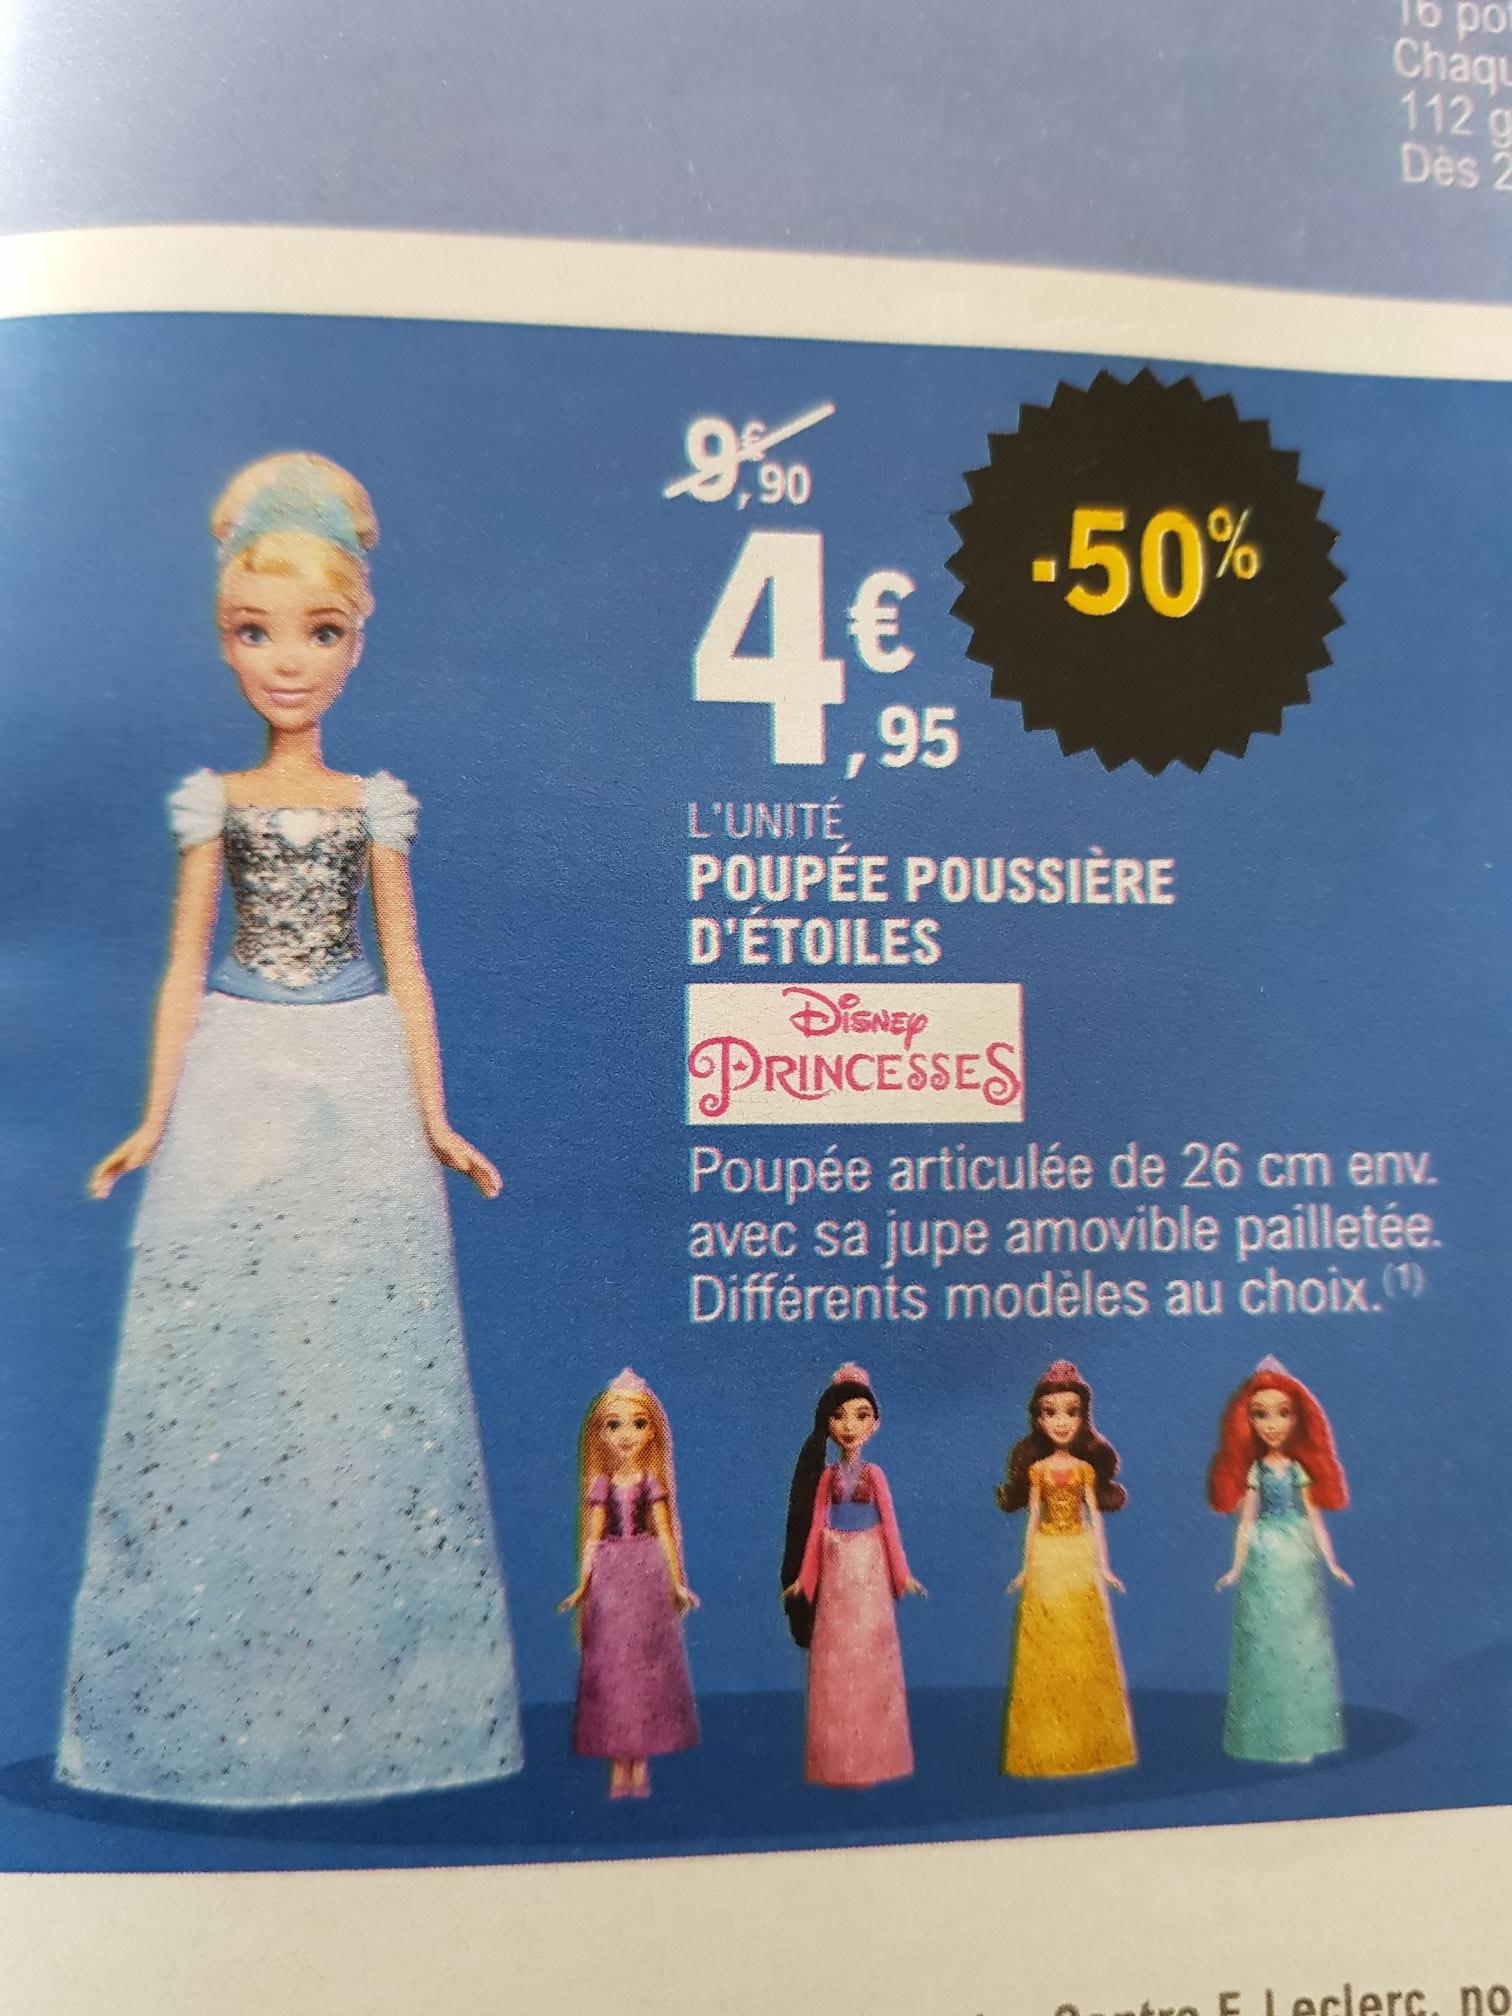 Jouet Poupée Poussière d'étoiles Disney Princesses